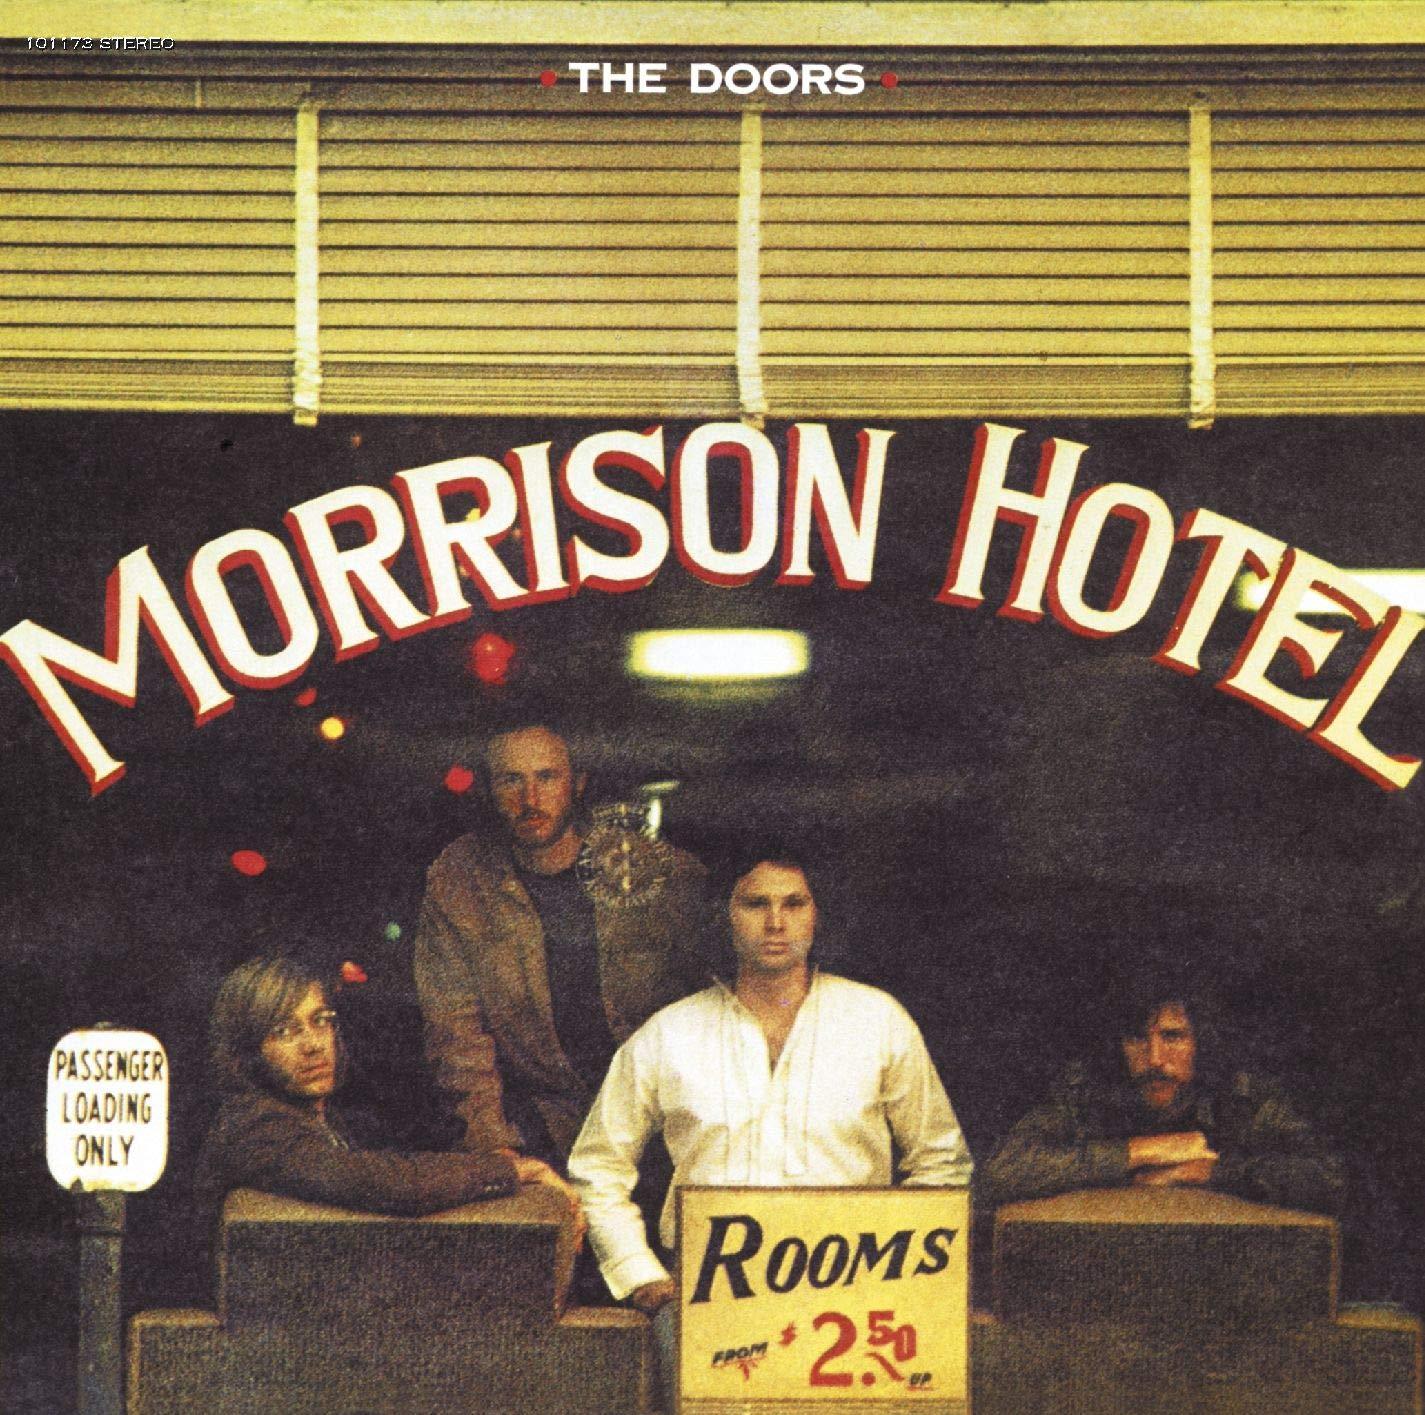 The Doors, Morrison Hotel